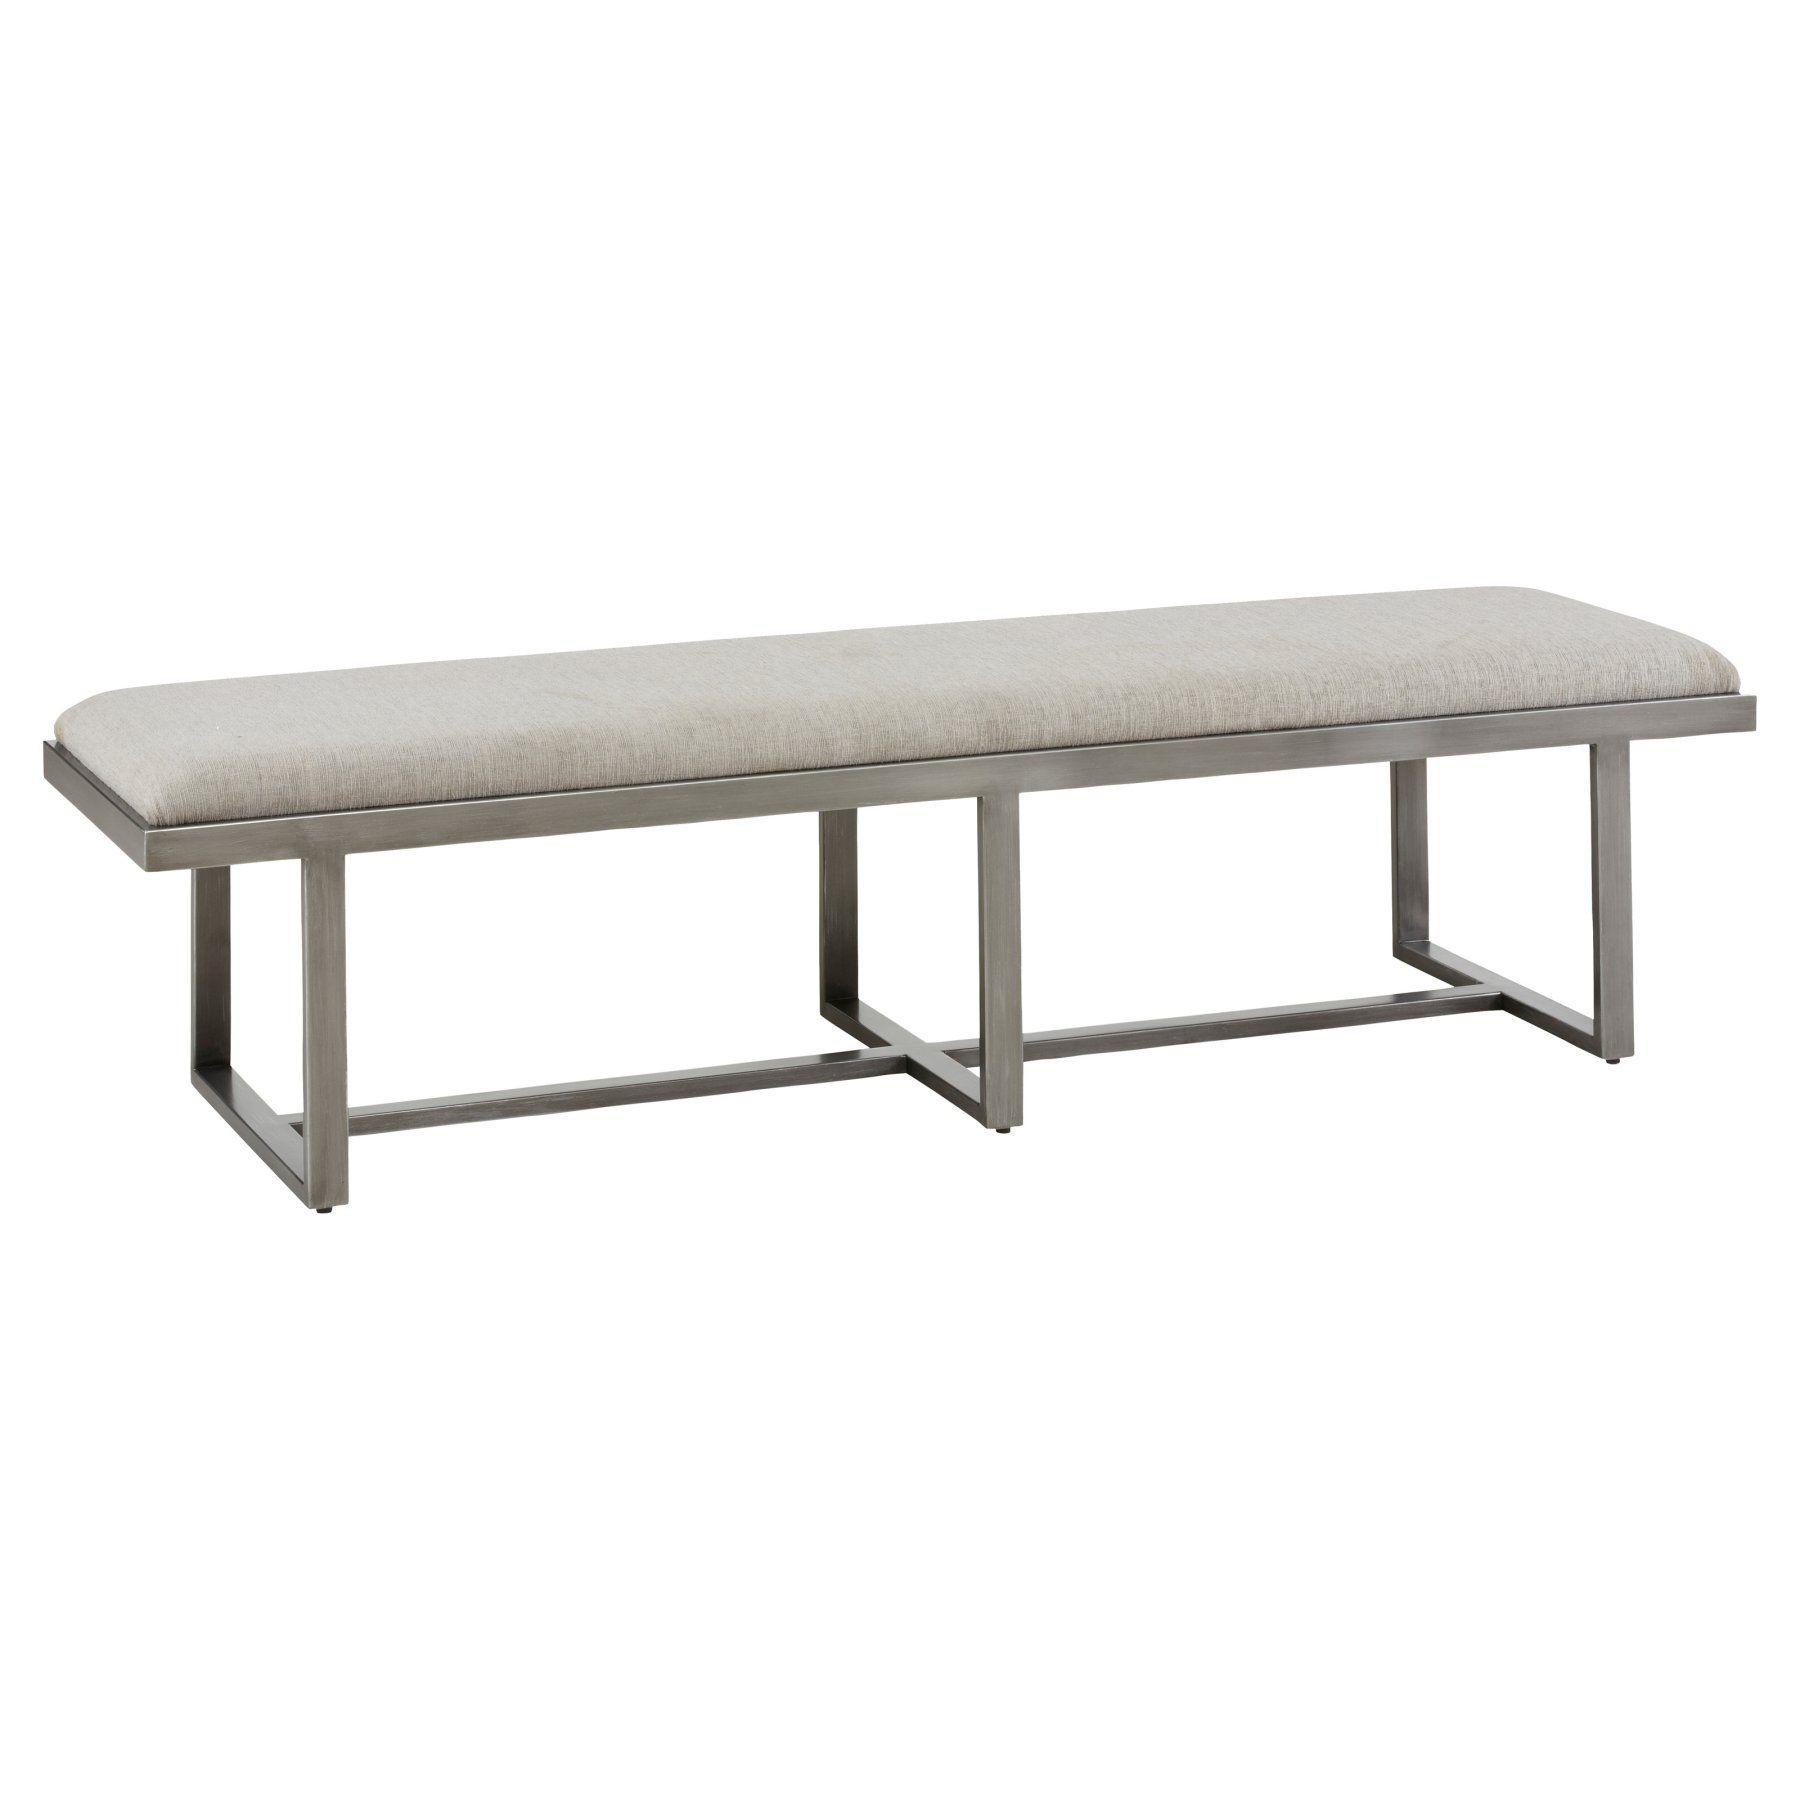 art furniture epicenters narrow indoor bench    indoor - art furniture epicenters narrow indoor bench